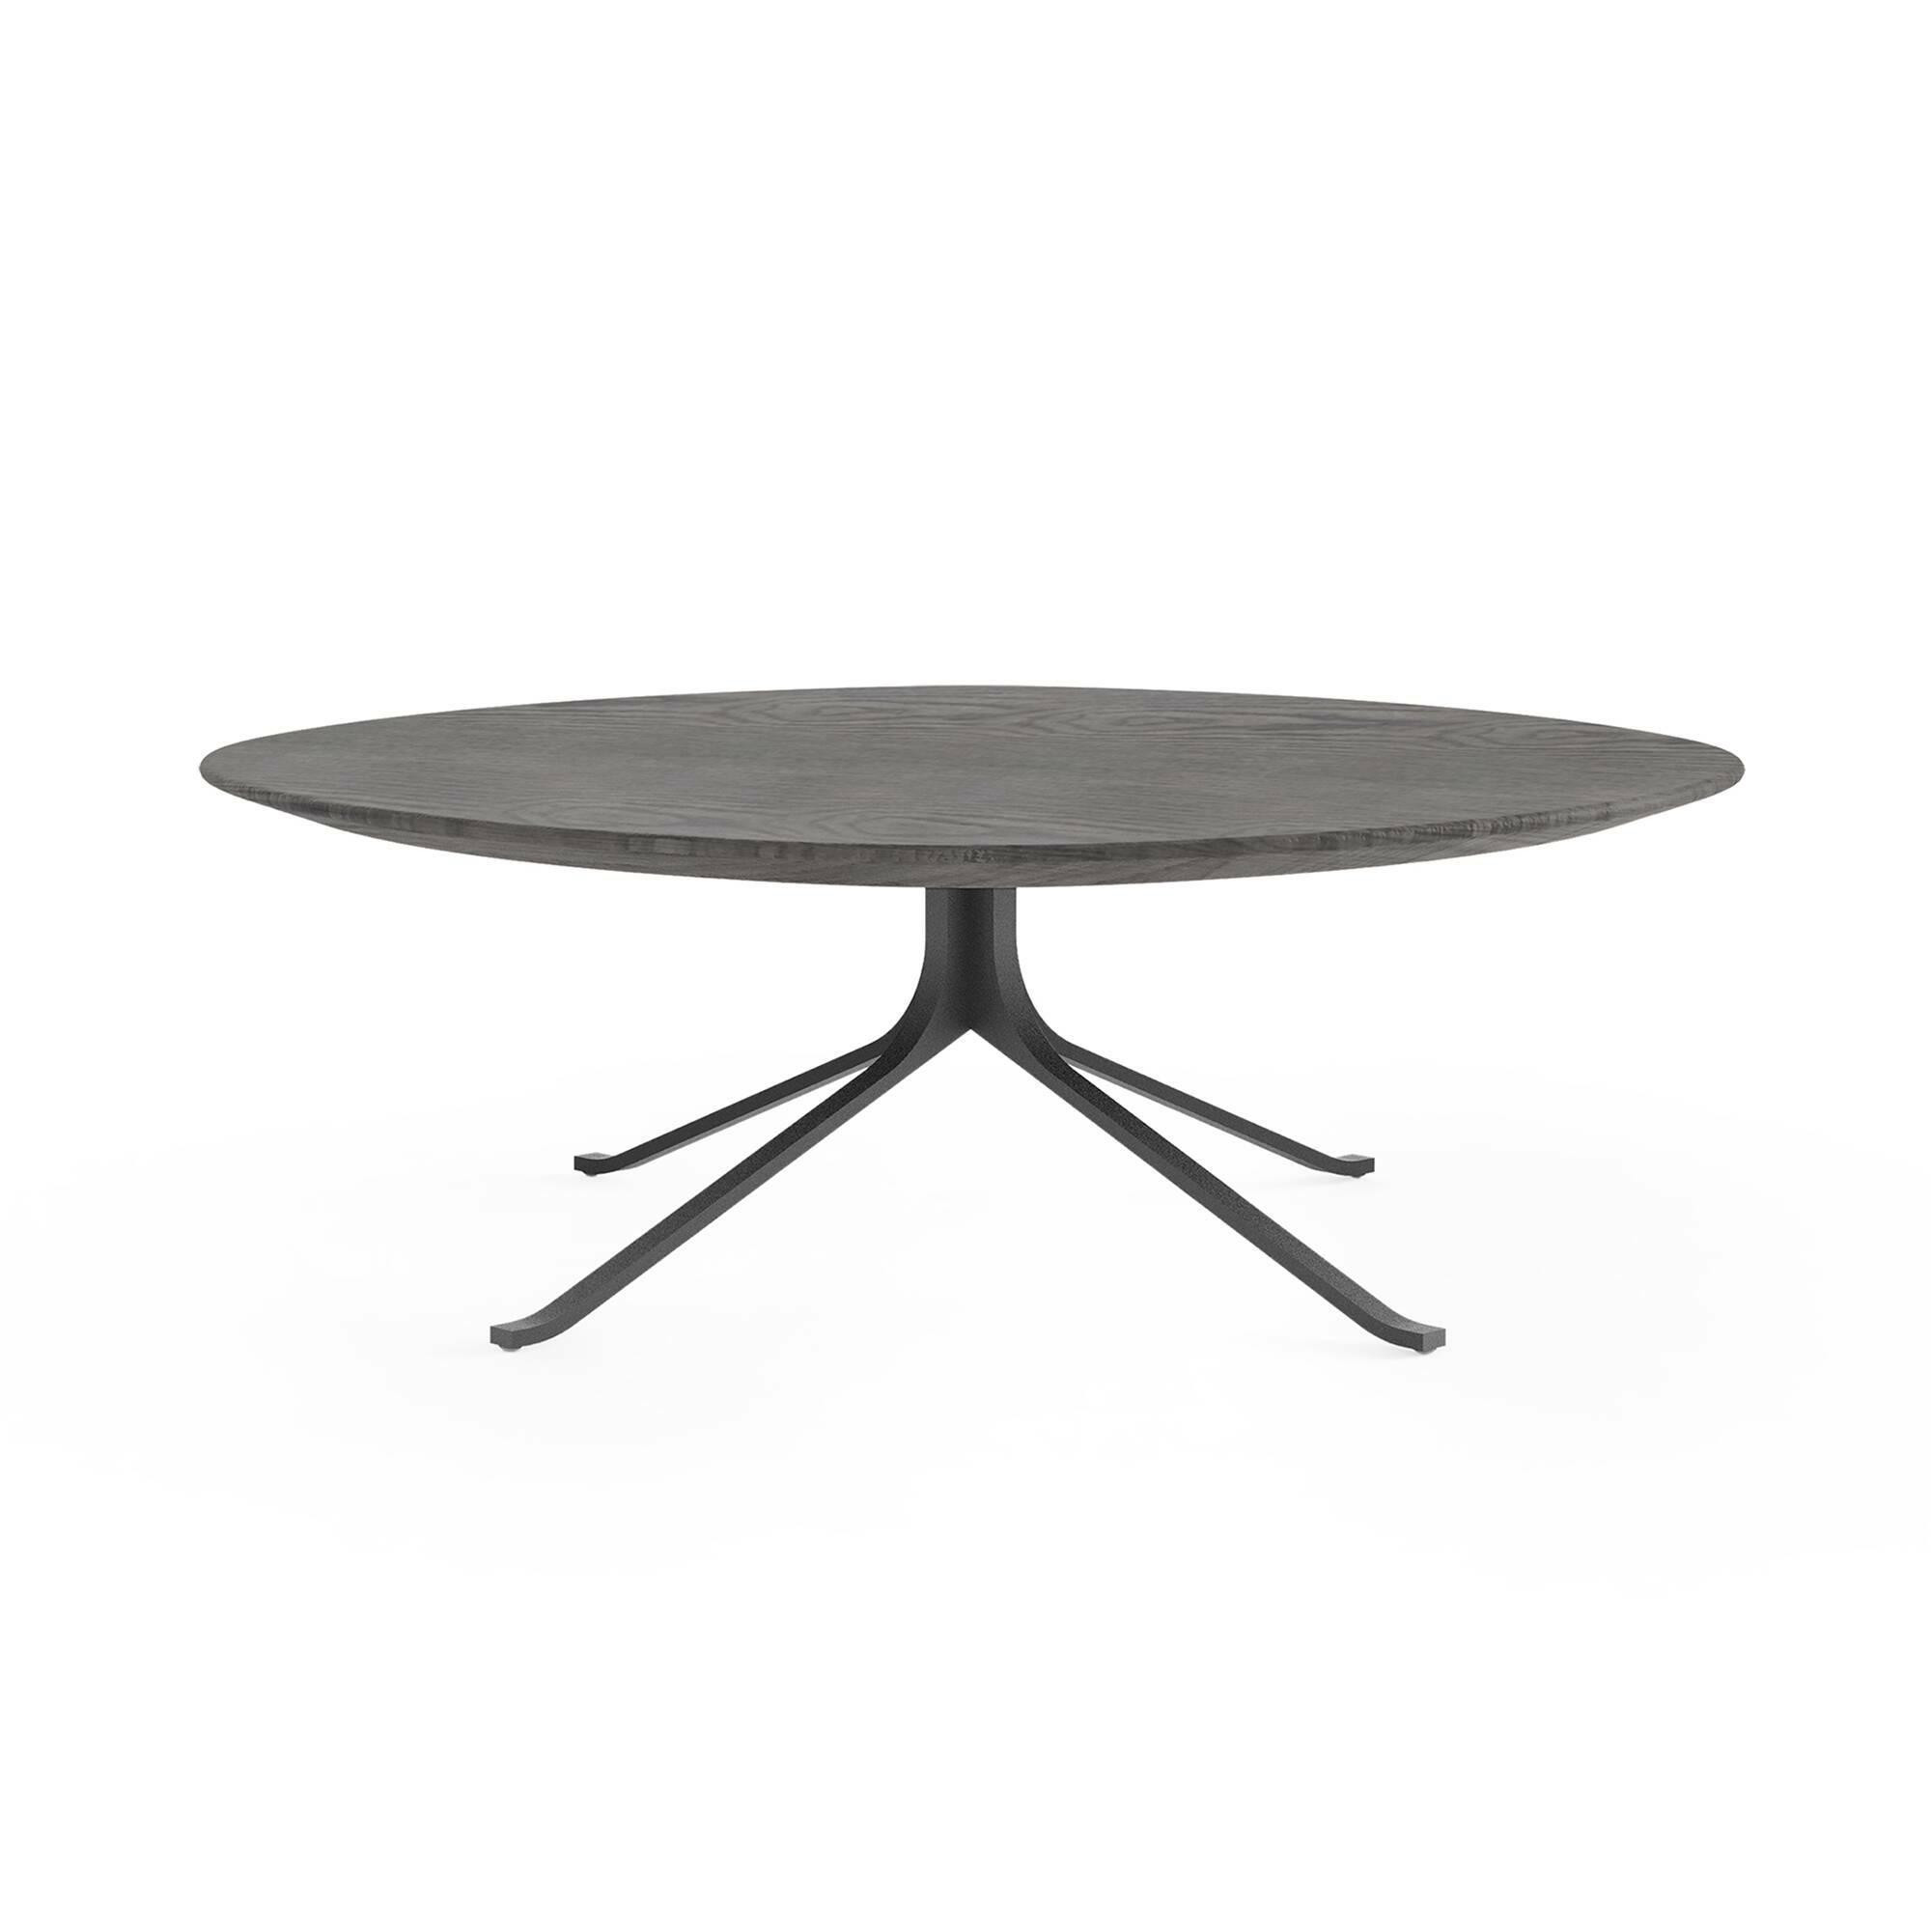 Кофейный стол Blink с деревянной столешницей диаметр 108